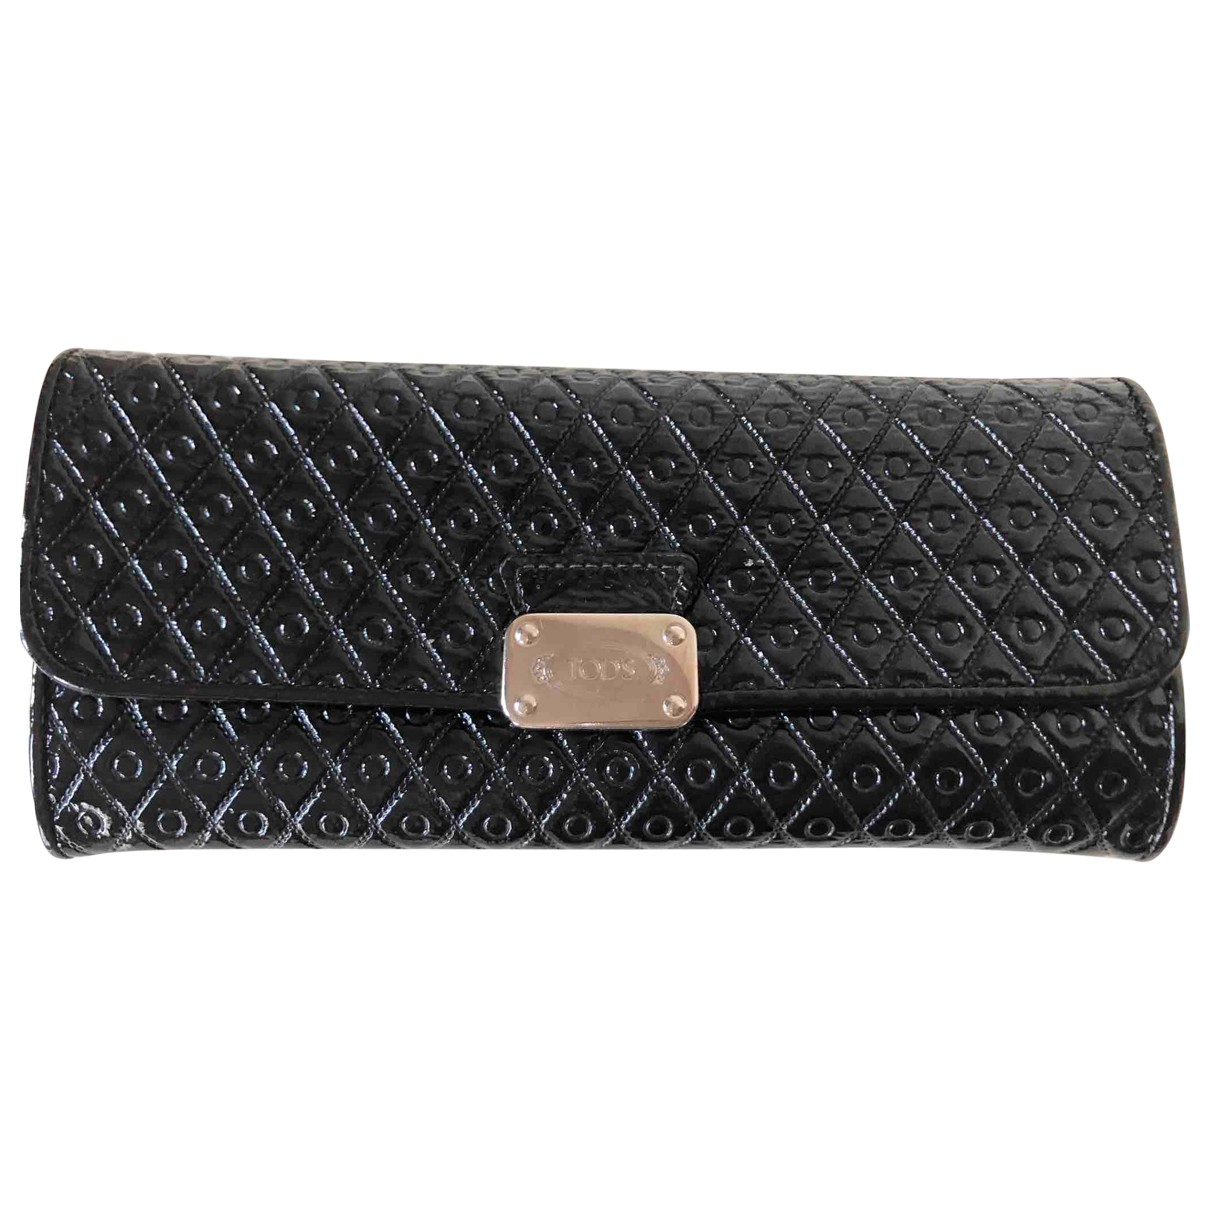 Tods - Portefeuille   pour femme en cuir verni - noir